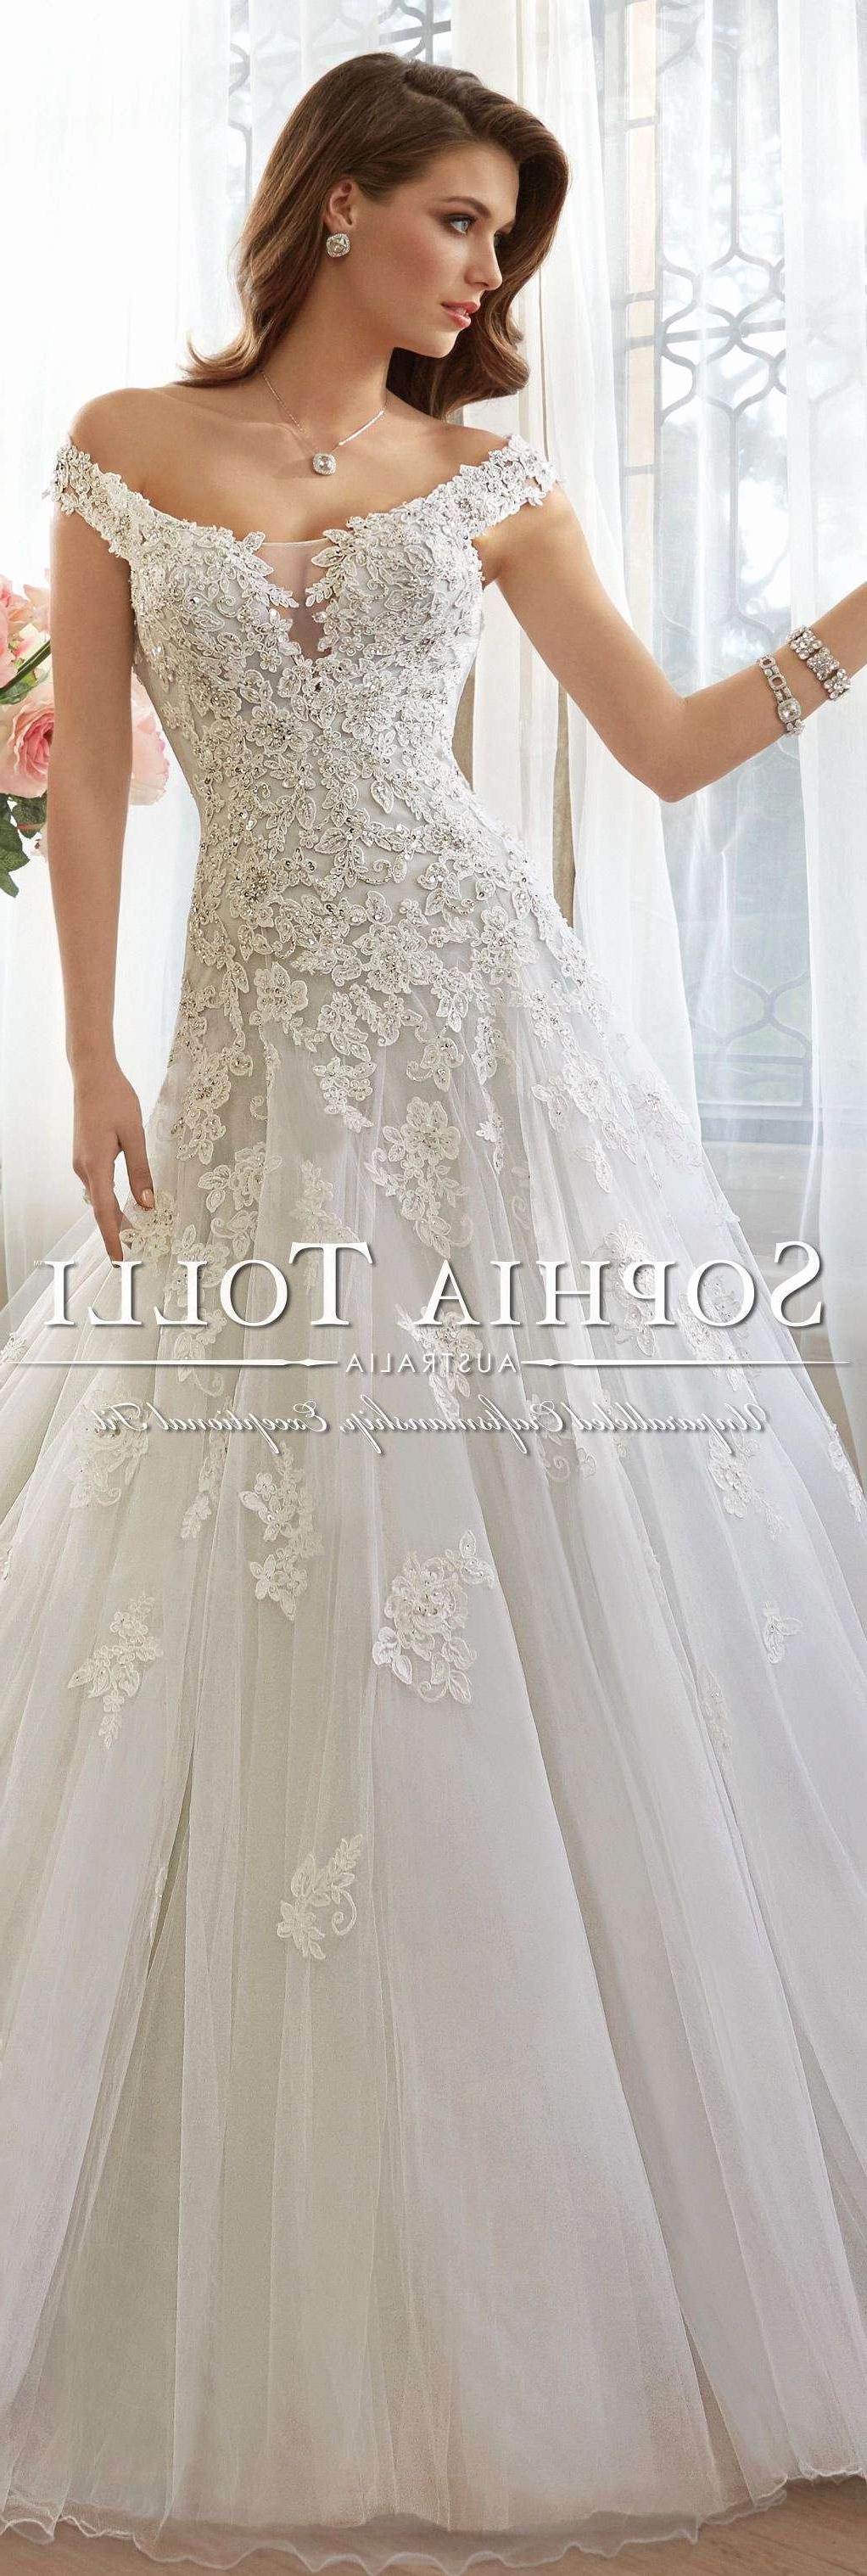 Best Design Inside Popular Wedding Entourage Hairstyles (View 10 of 15)